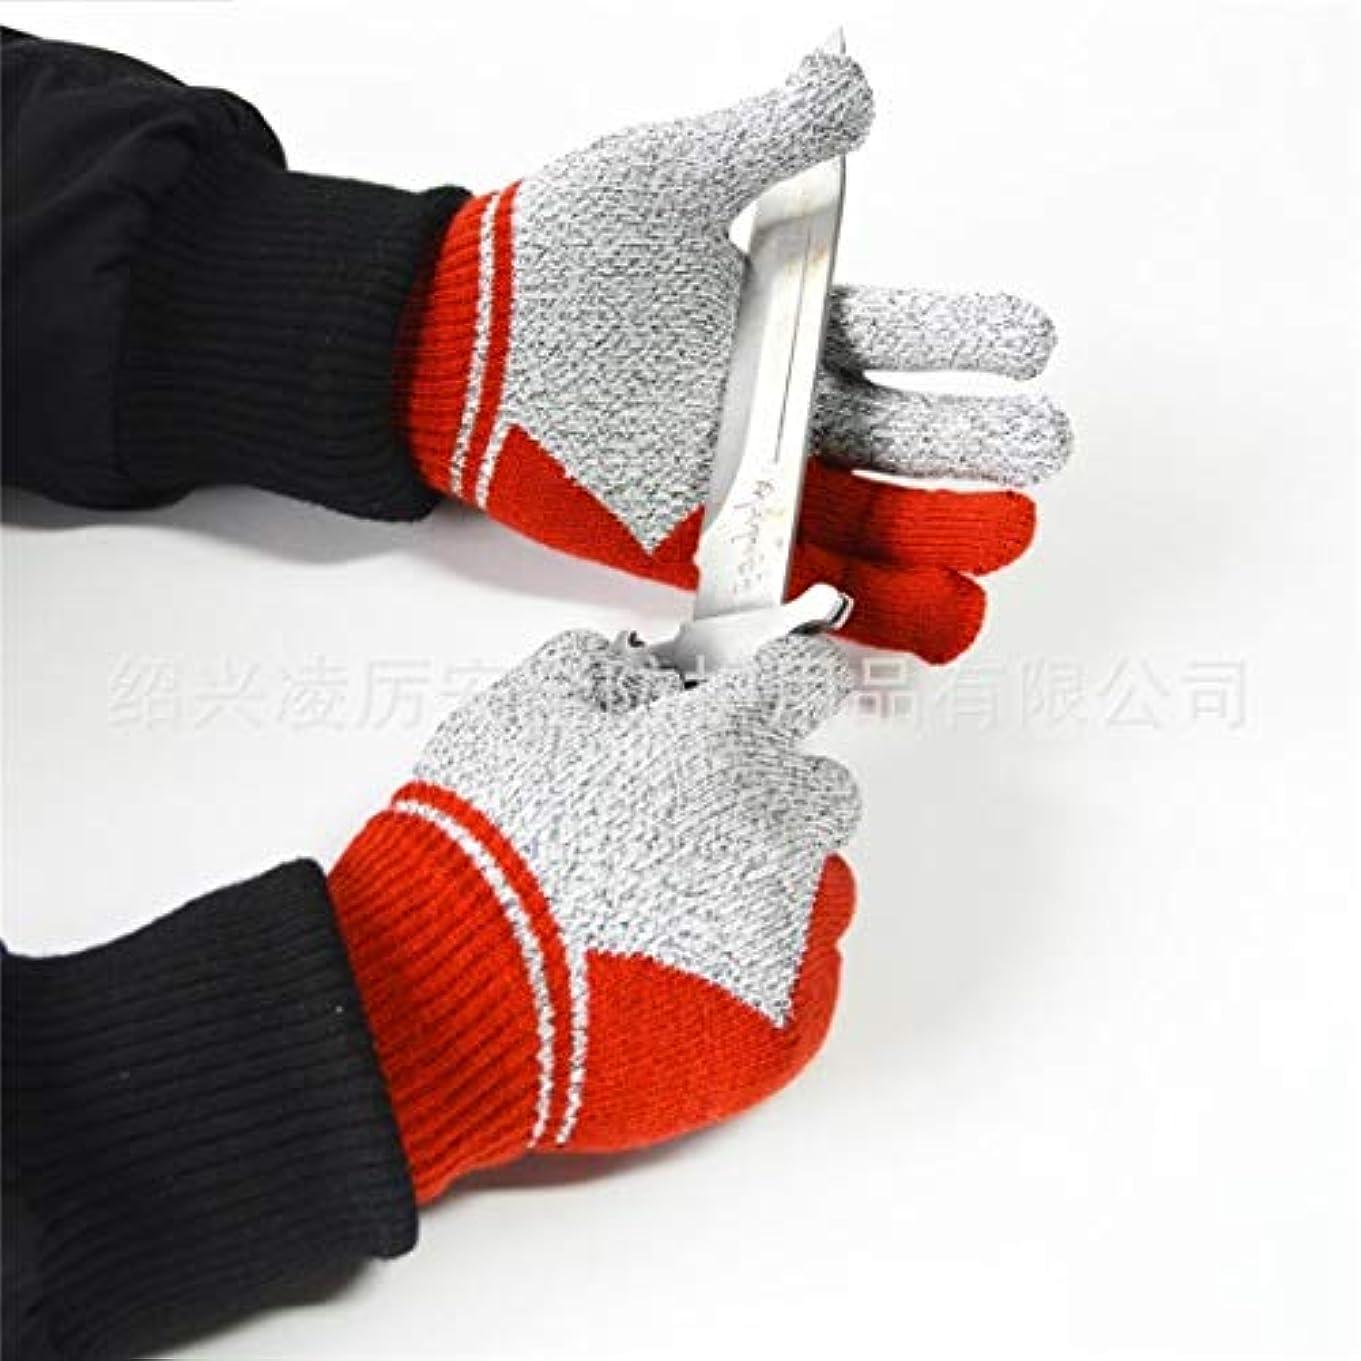 事実上聖職者聖職者JOYS CLOTHING 新アウトドアスポーツキッチン手袋食品グレードの手袋、HPPEカット防止アクリル汗吸収防水スリップ防止手袋